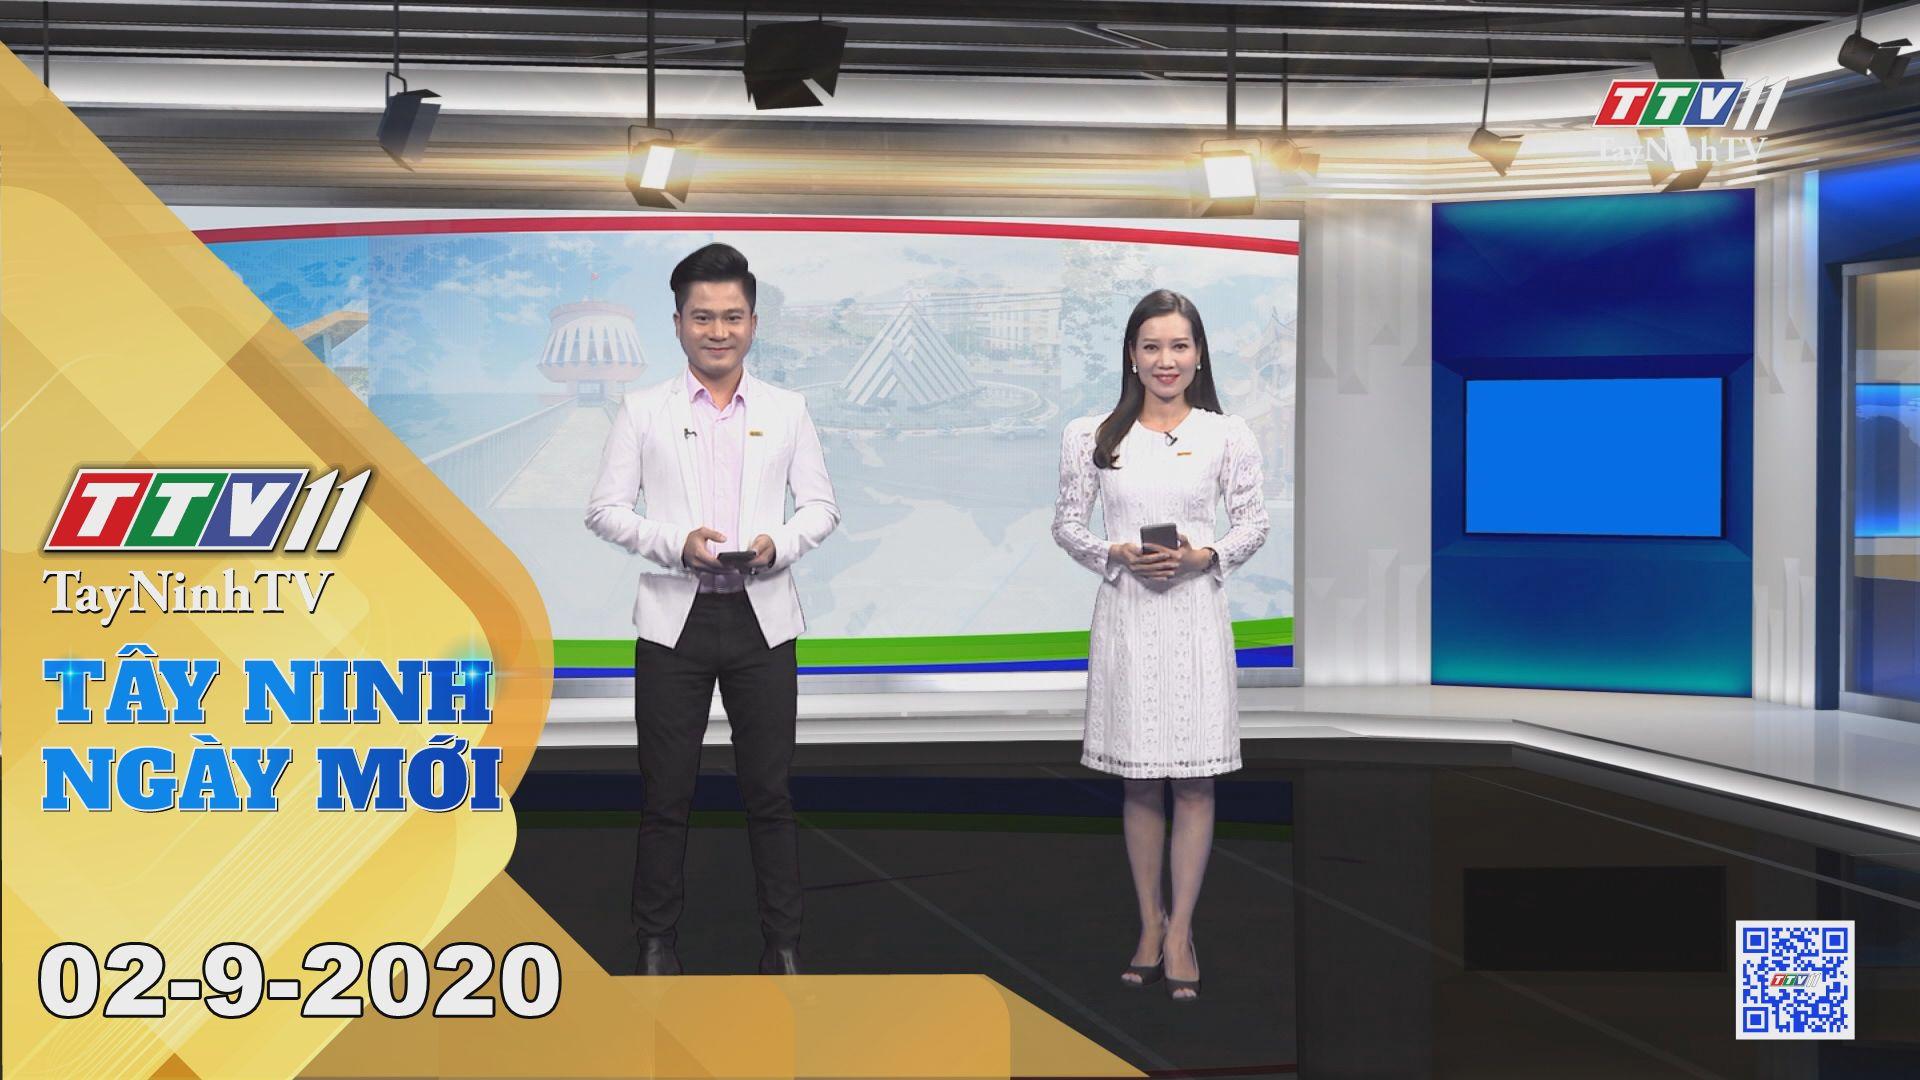 Tây Ninh Ngày Mới 02-9-2020 | Tin tức hôm nay | TayNinhTV